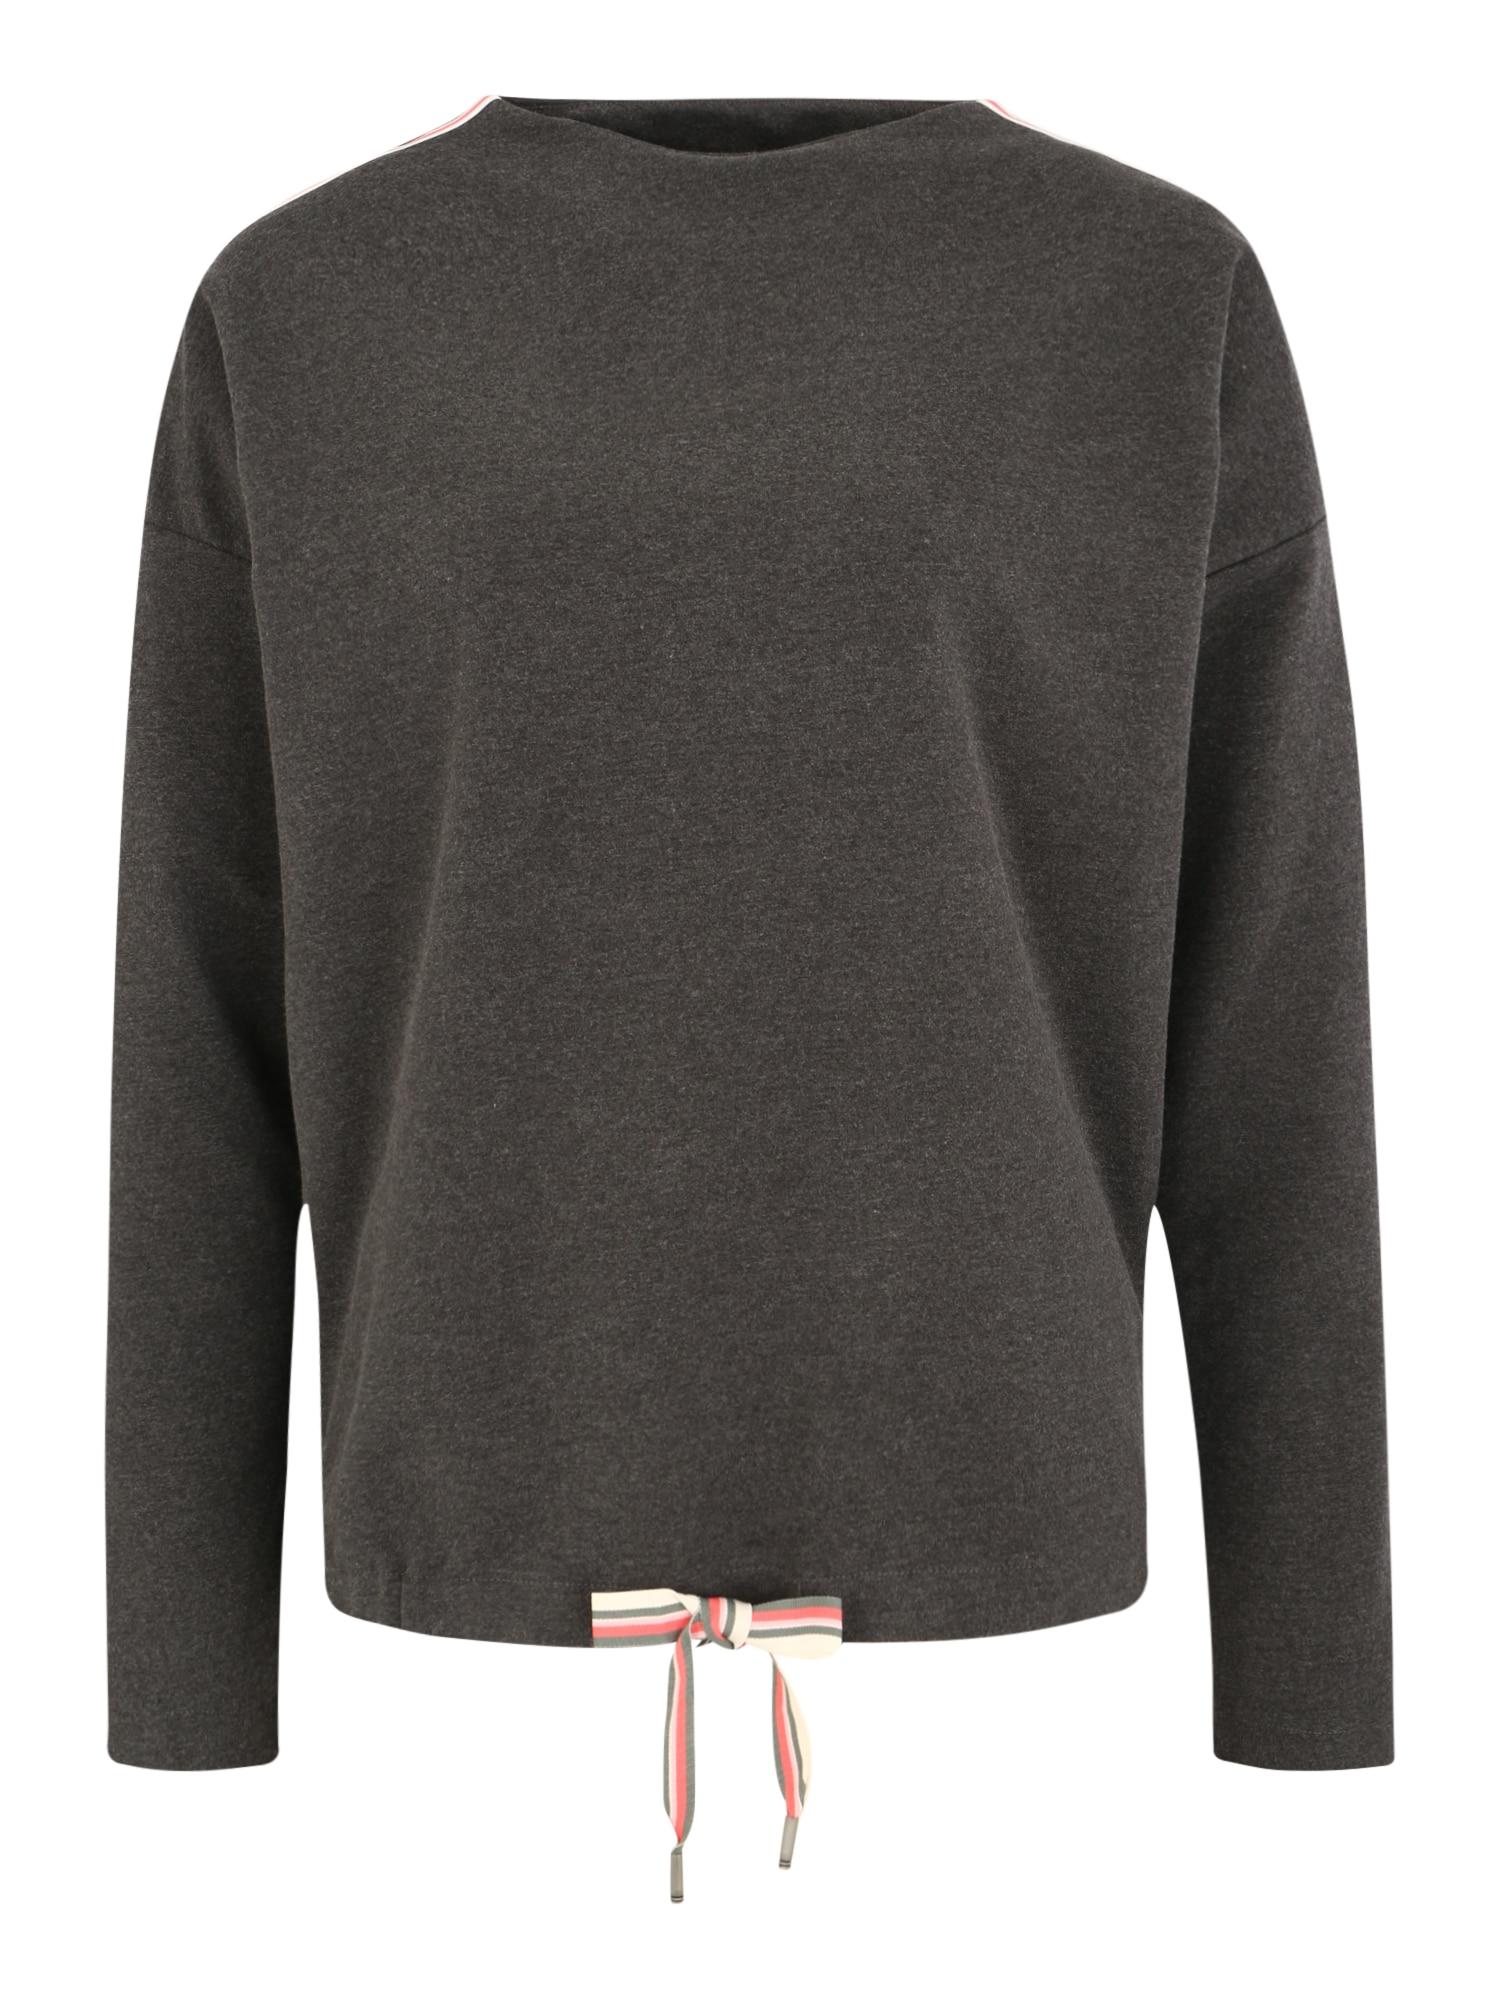 ESPRIT SPORTS Sportinio tipo megztinis antracito